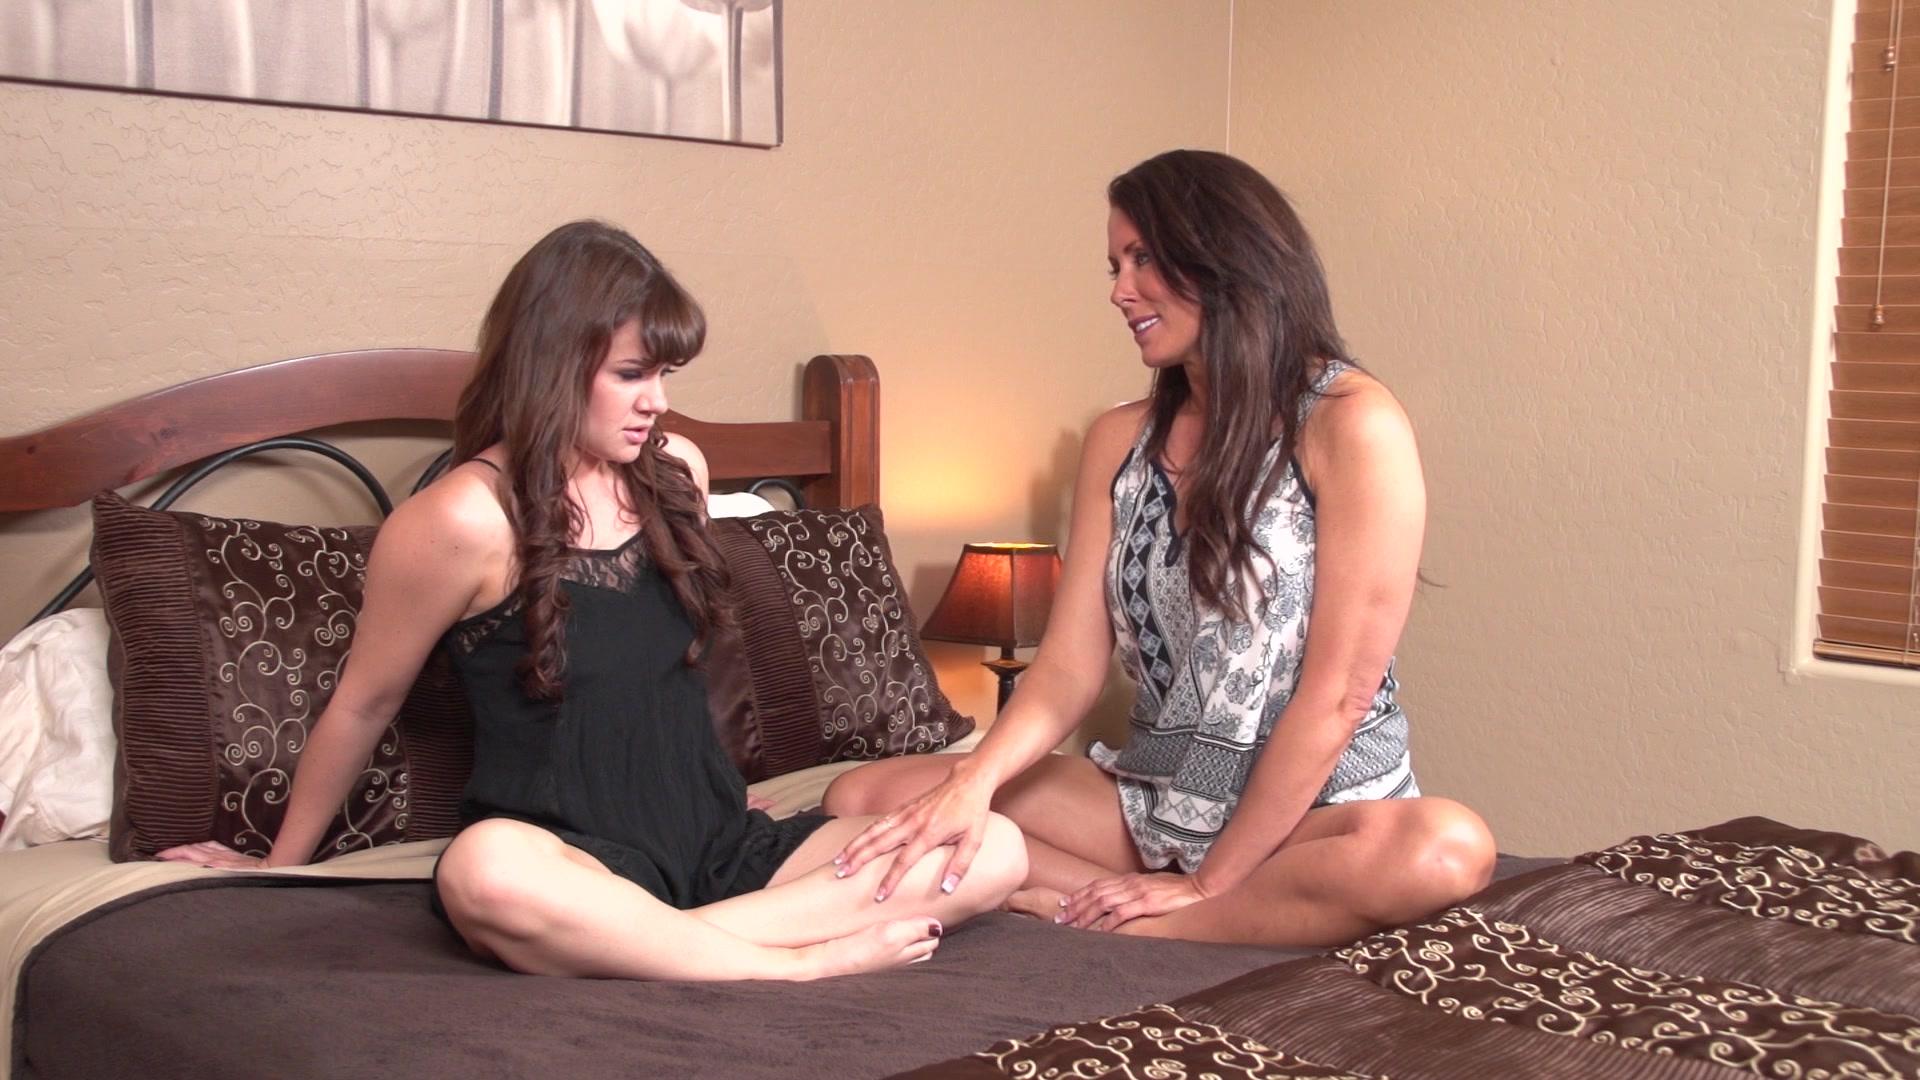 Mother daughter son sex videossex, asian hooker soap massage